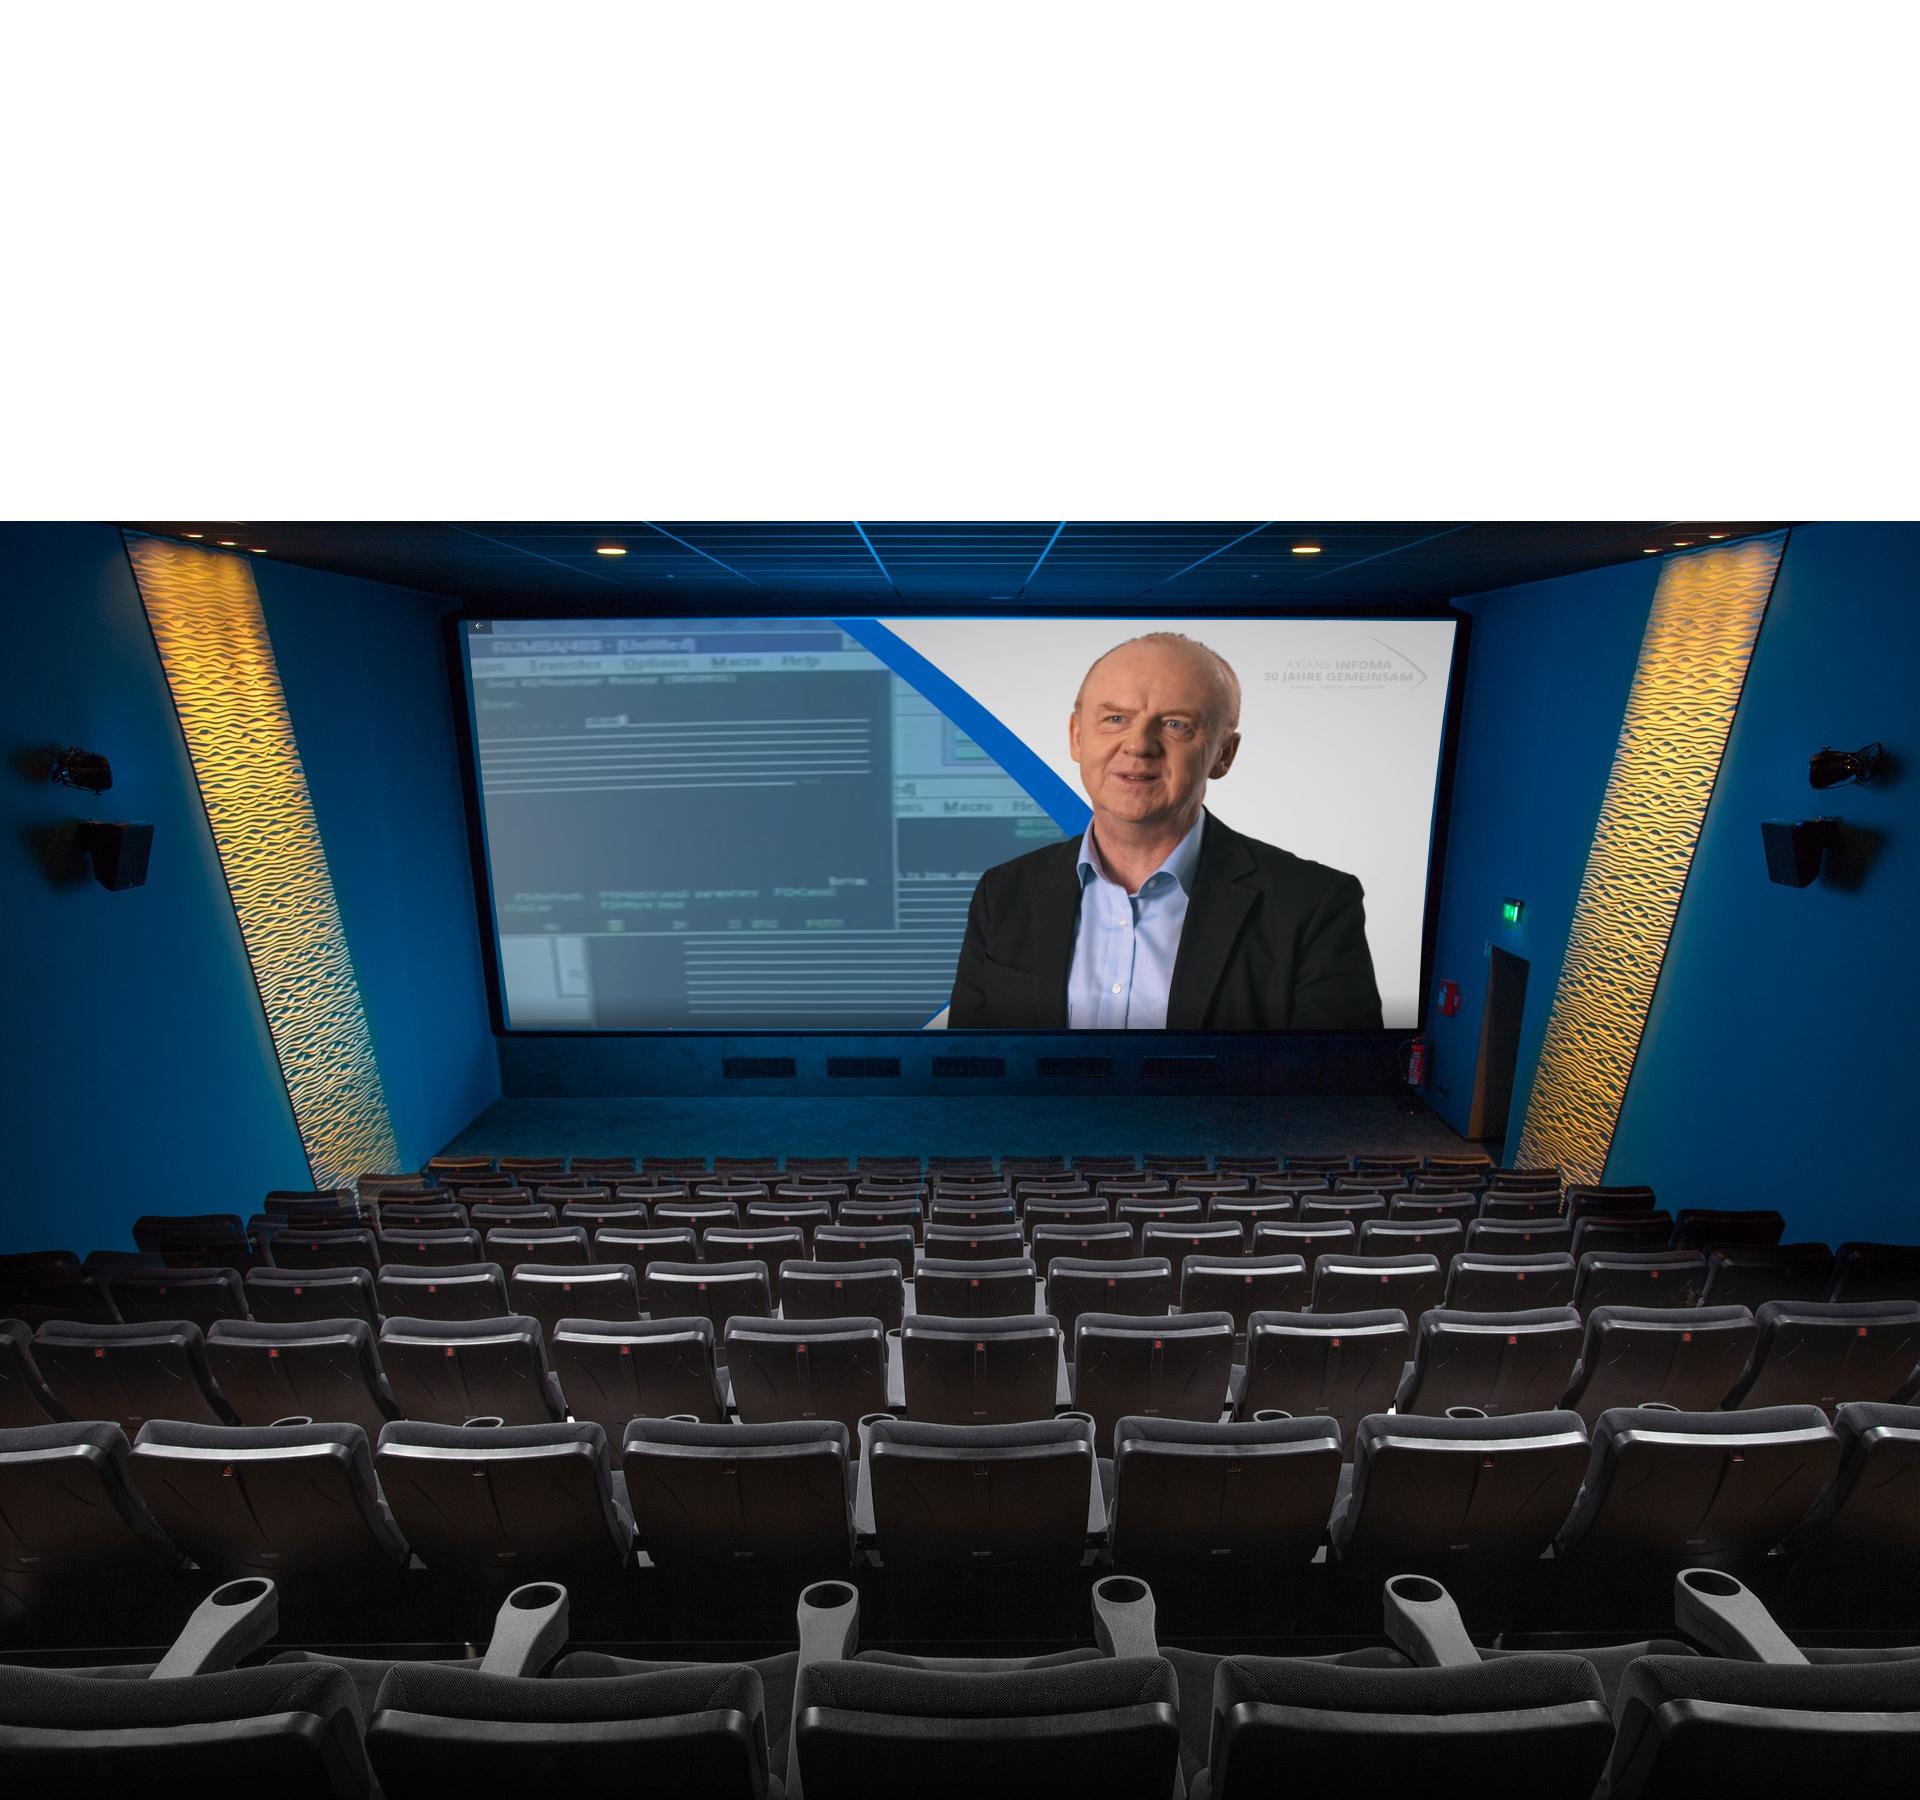 Großes Kino: Axians Infoma Jubiläumsfilm